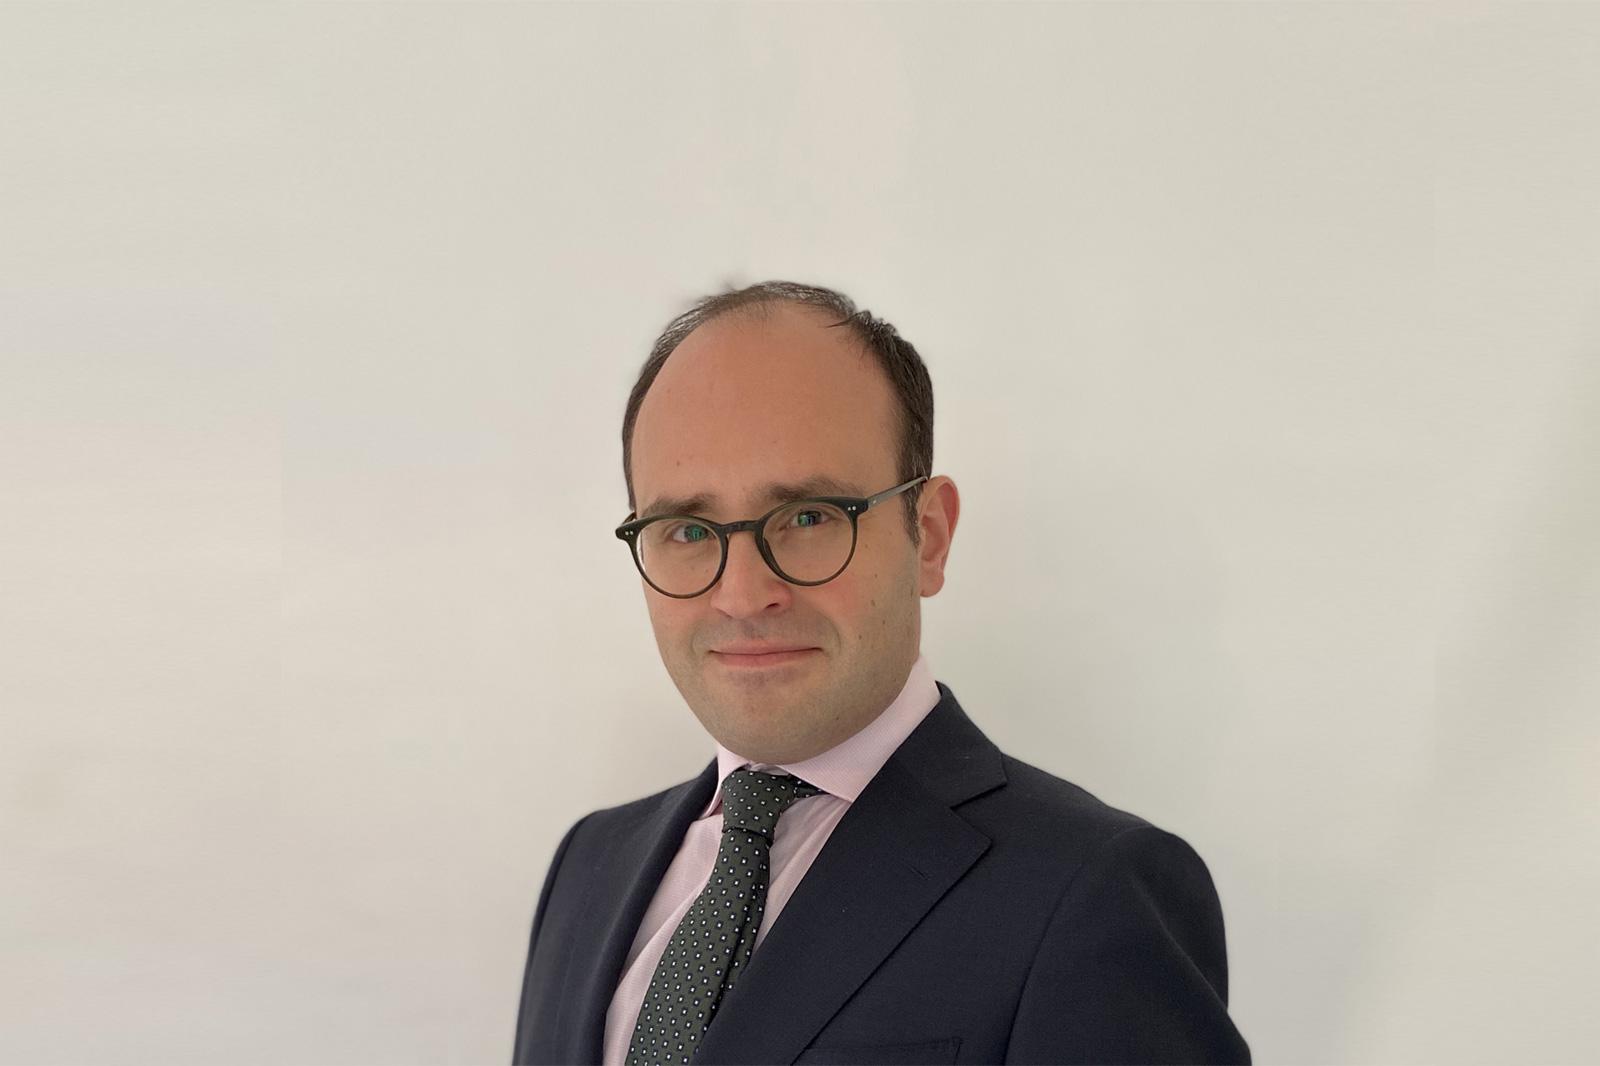 Alex Akin joins Keidan Harrison LLP as an Associate Solicitor